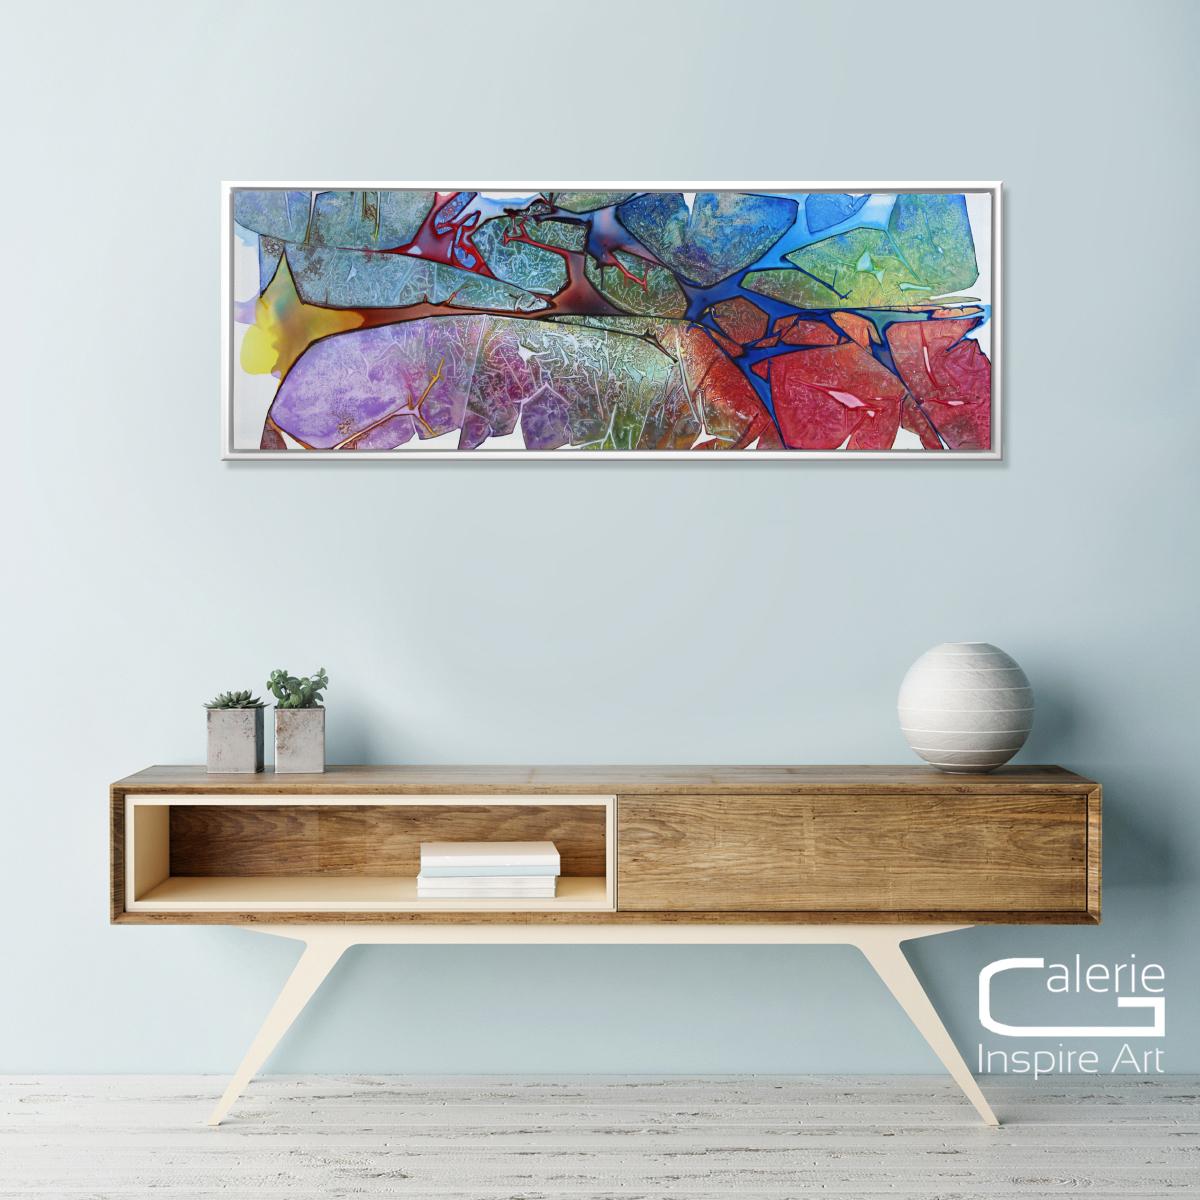 abstrakte kunst kaufen sie bei galerie inspire art bersichtlich und einfach zum neuen. Black Bedroom Furniture Sets. Home Design Ideas